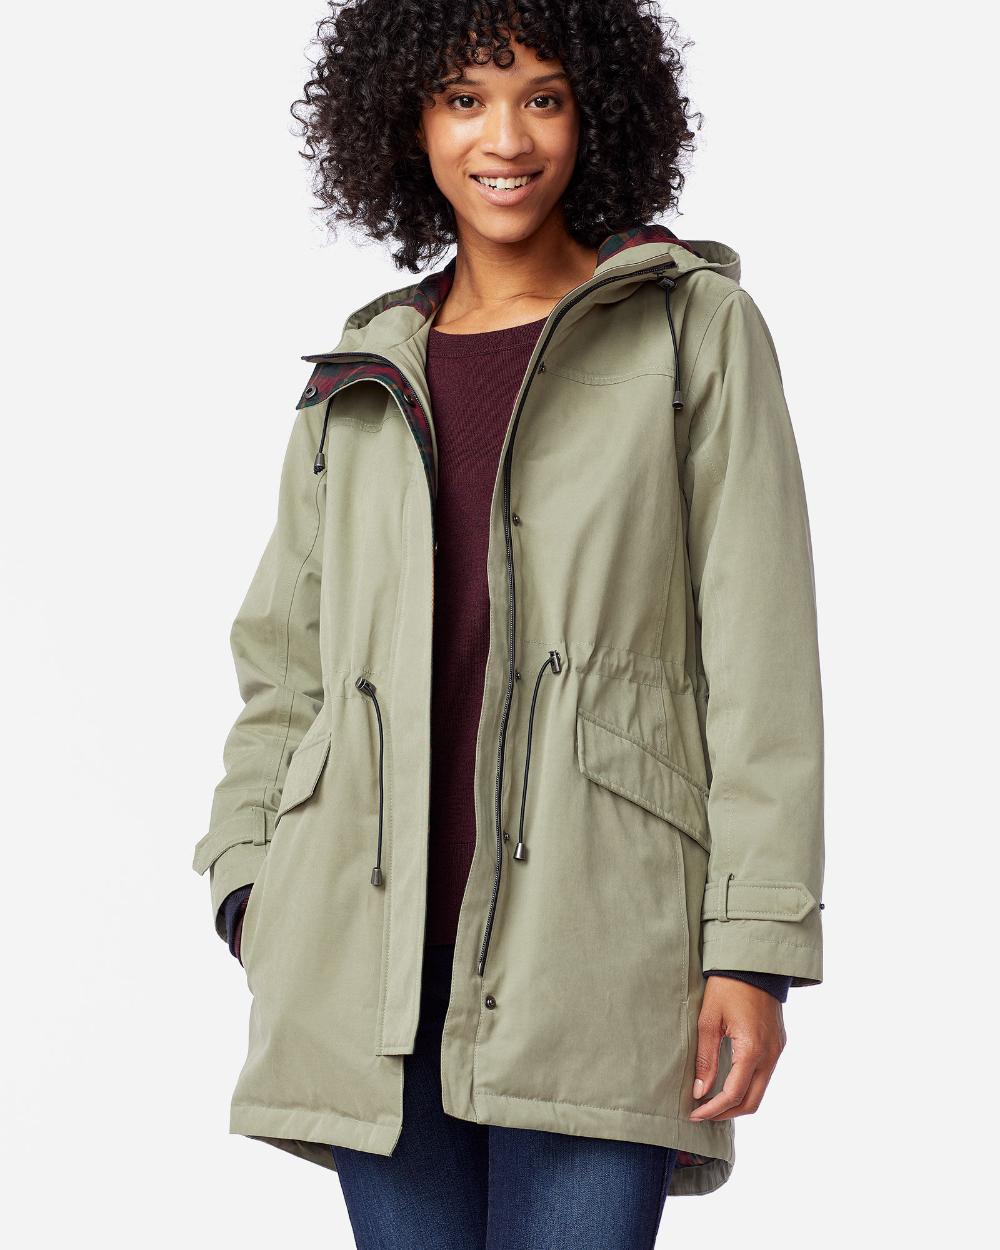 Women S Elliott Bay Hooded Coat Waterproof Coat Women Hooded Coat Waterproof Coat [ 1250 x 1000 Pixel ]